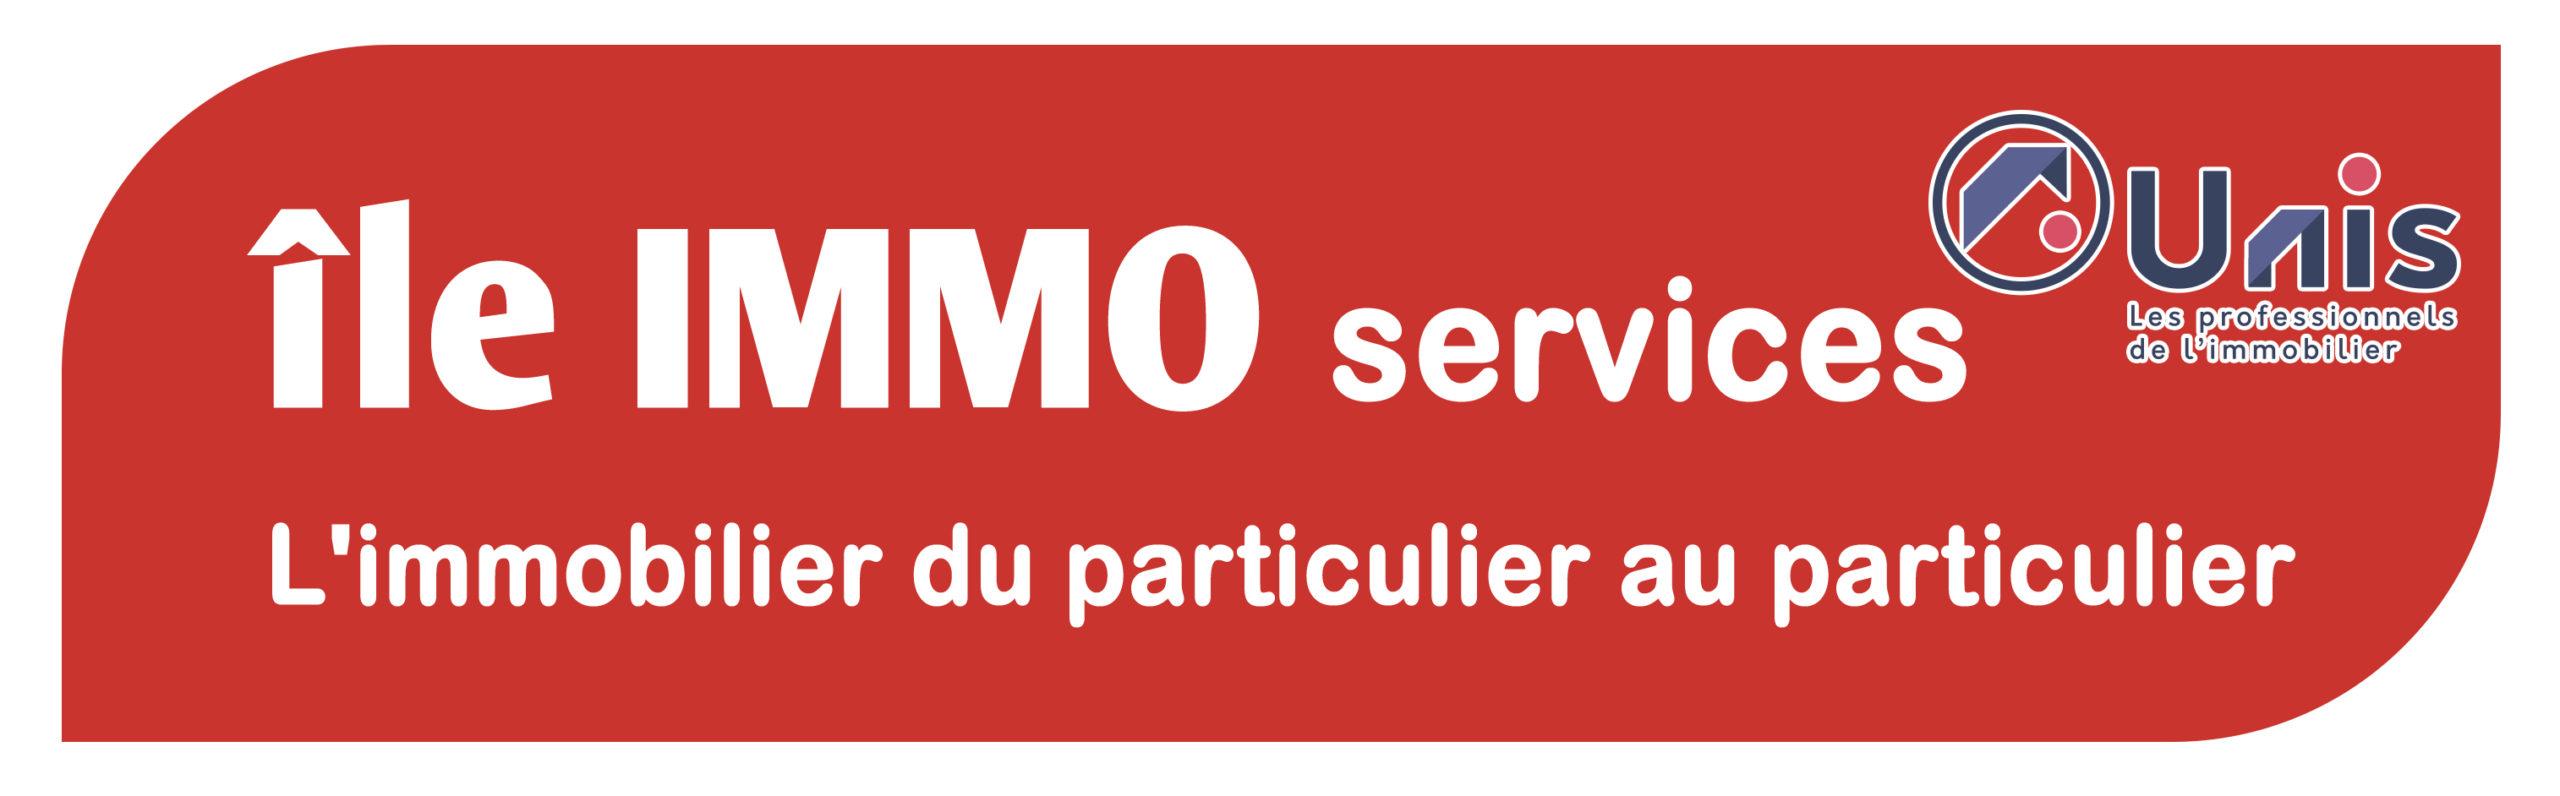 logo ile immo services